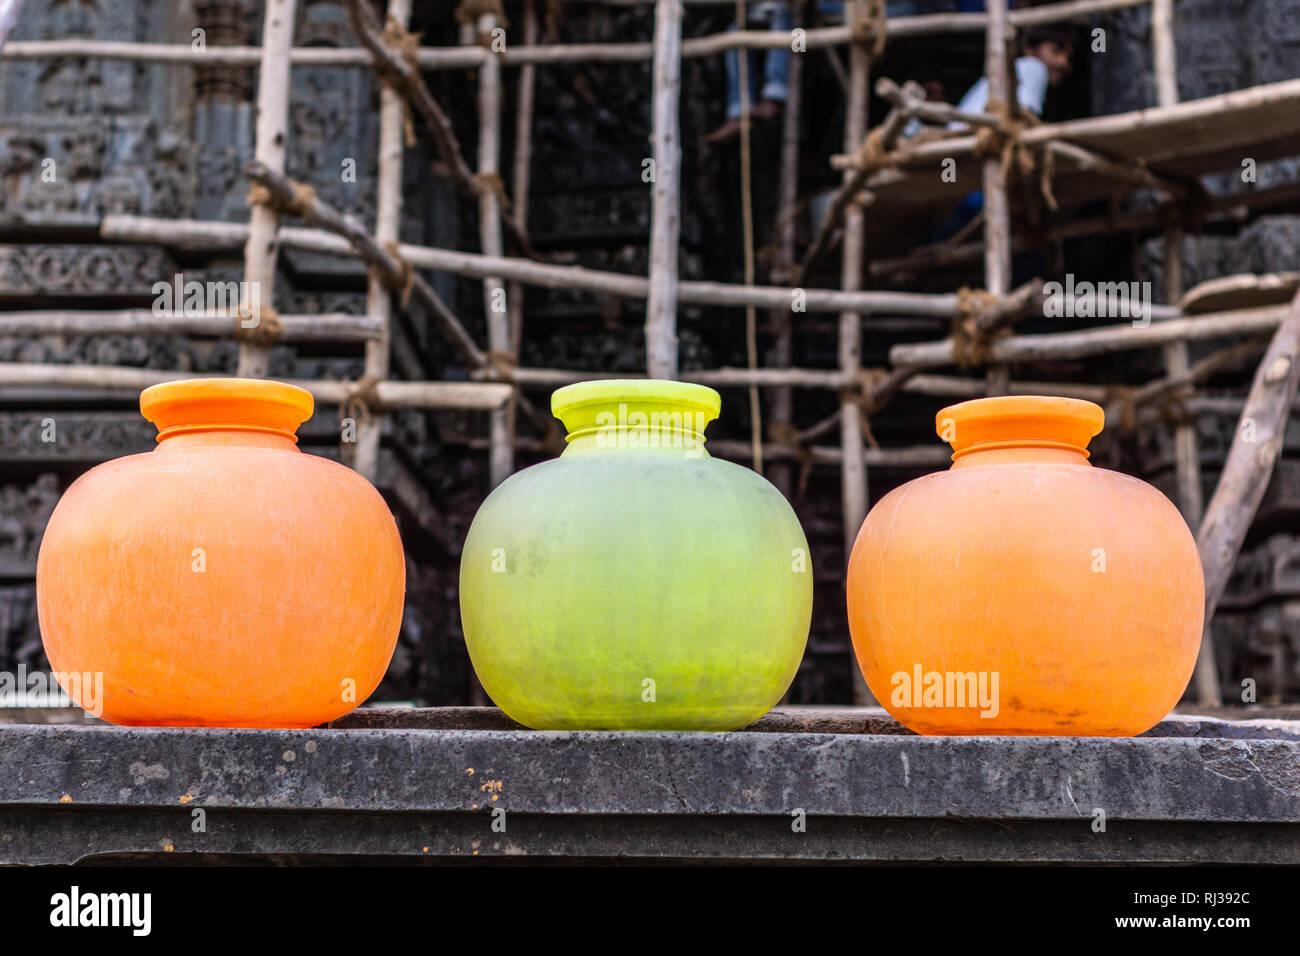 Halebidu, Karnataka, Indien - November 2, 2013: Hoysaleswara Tempel von Shiva. 3 Orange und Zitrone farbige Kugel wasser Behälter auf die Arbeitnehmer. B Stockbild